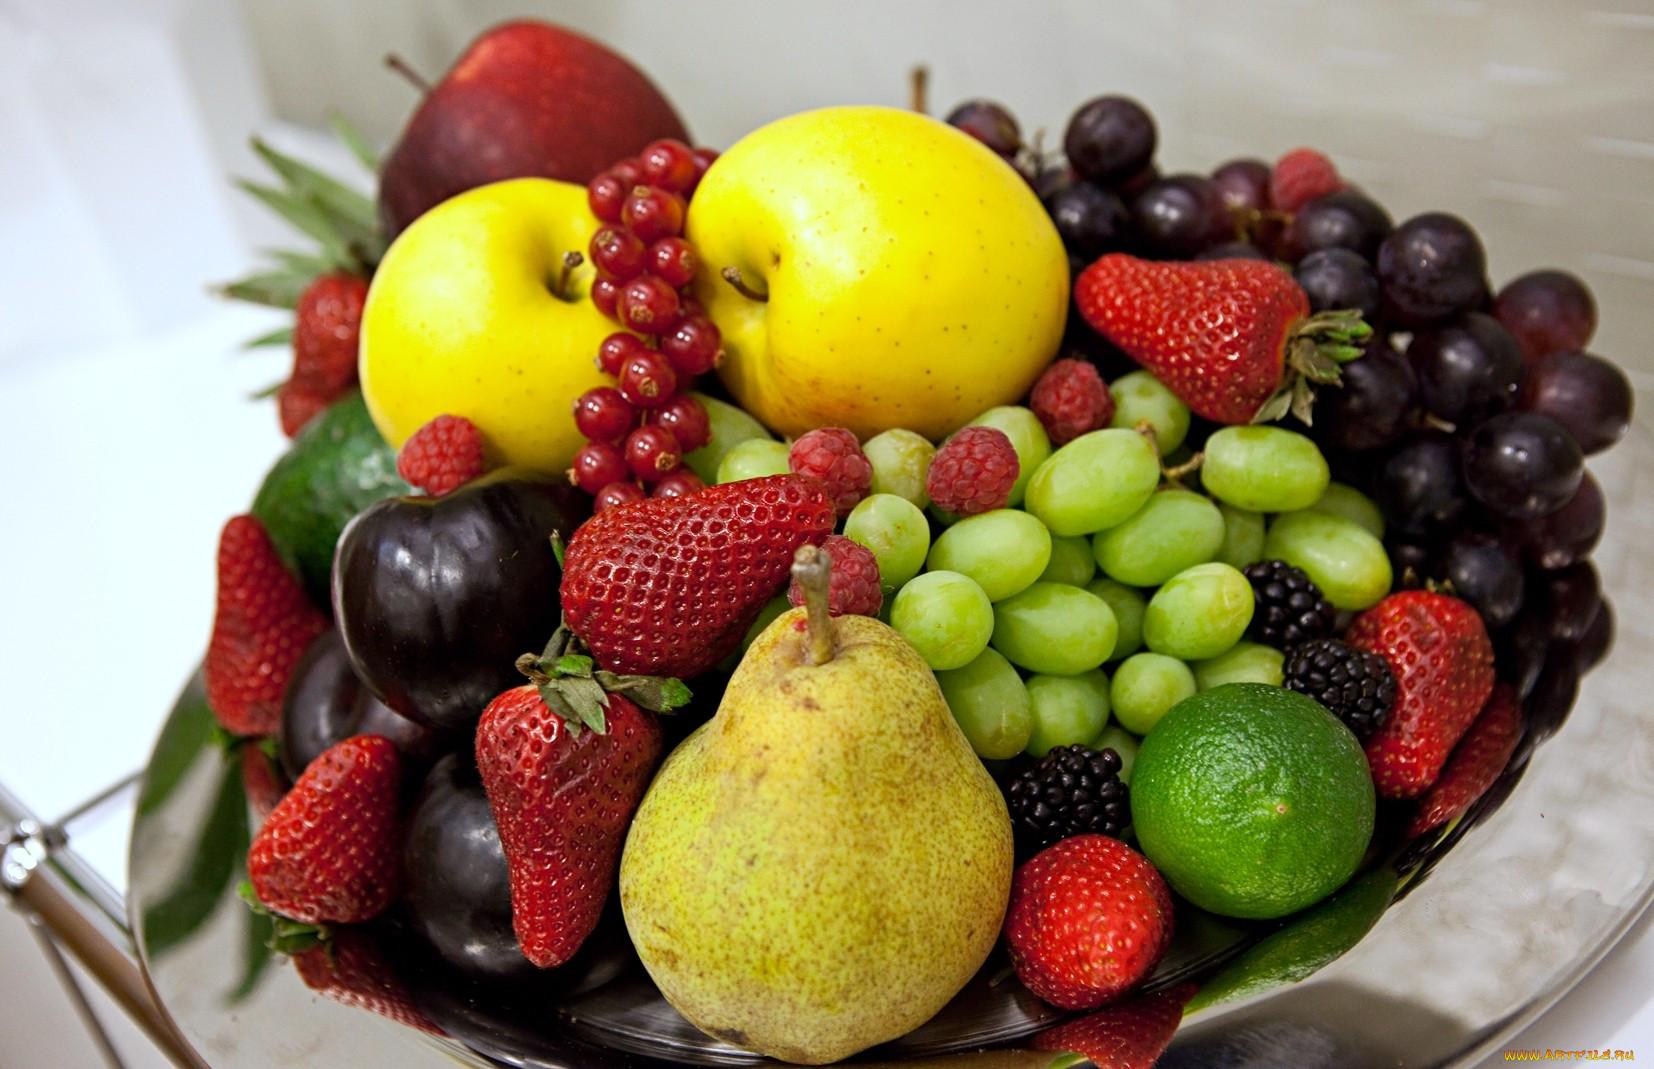 фрукты целиком положить красиво фото собраны